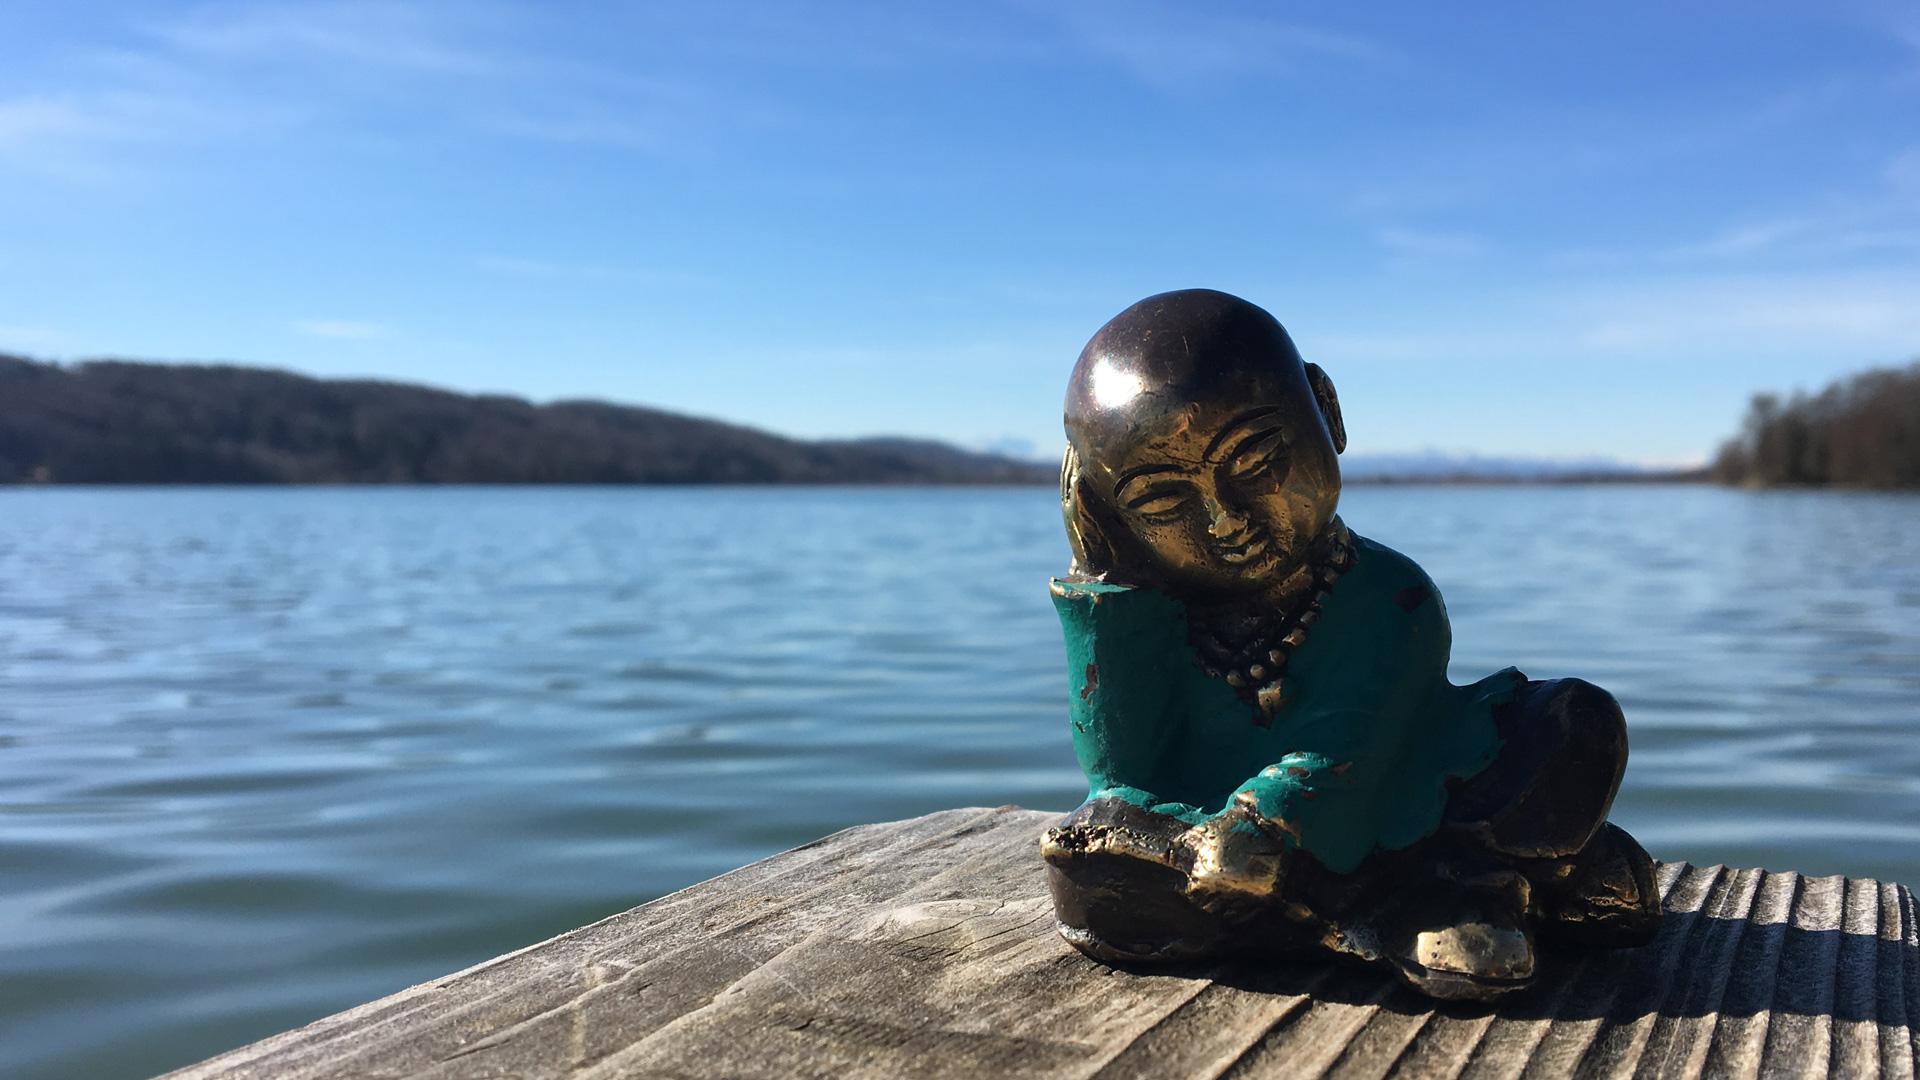 MBSR_Achtsamkeint Buddha am See